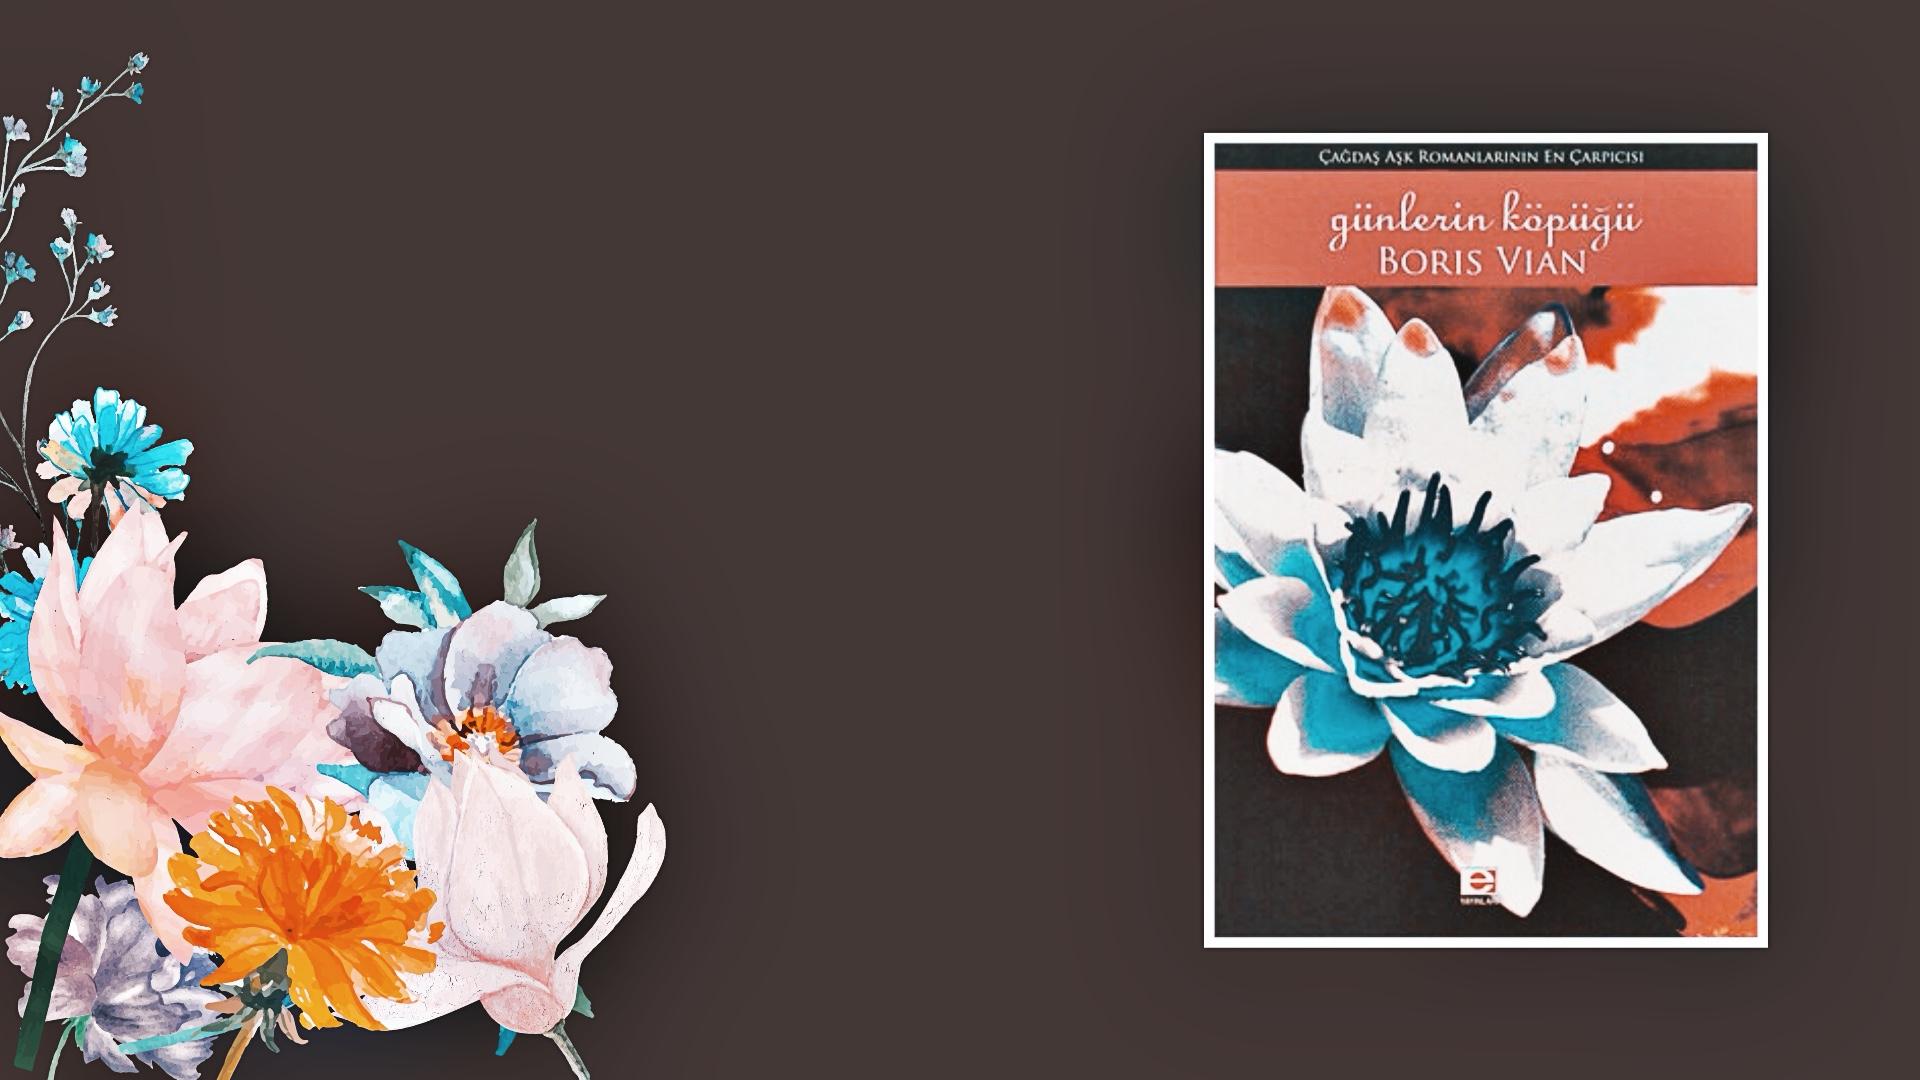 Kitap: Günlerin Köpüğü | Yazar: Boris Vian | Yorumlayan: Hülya Erarslan